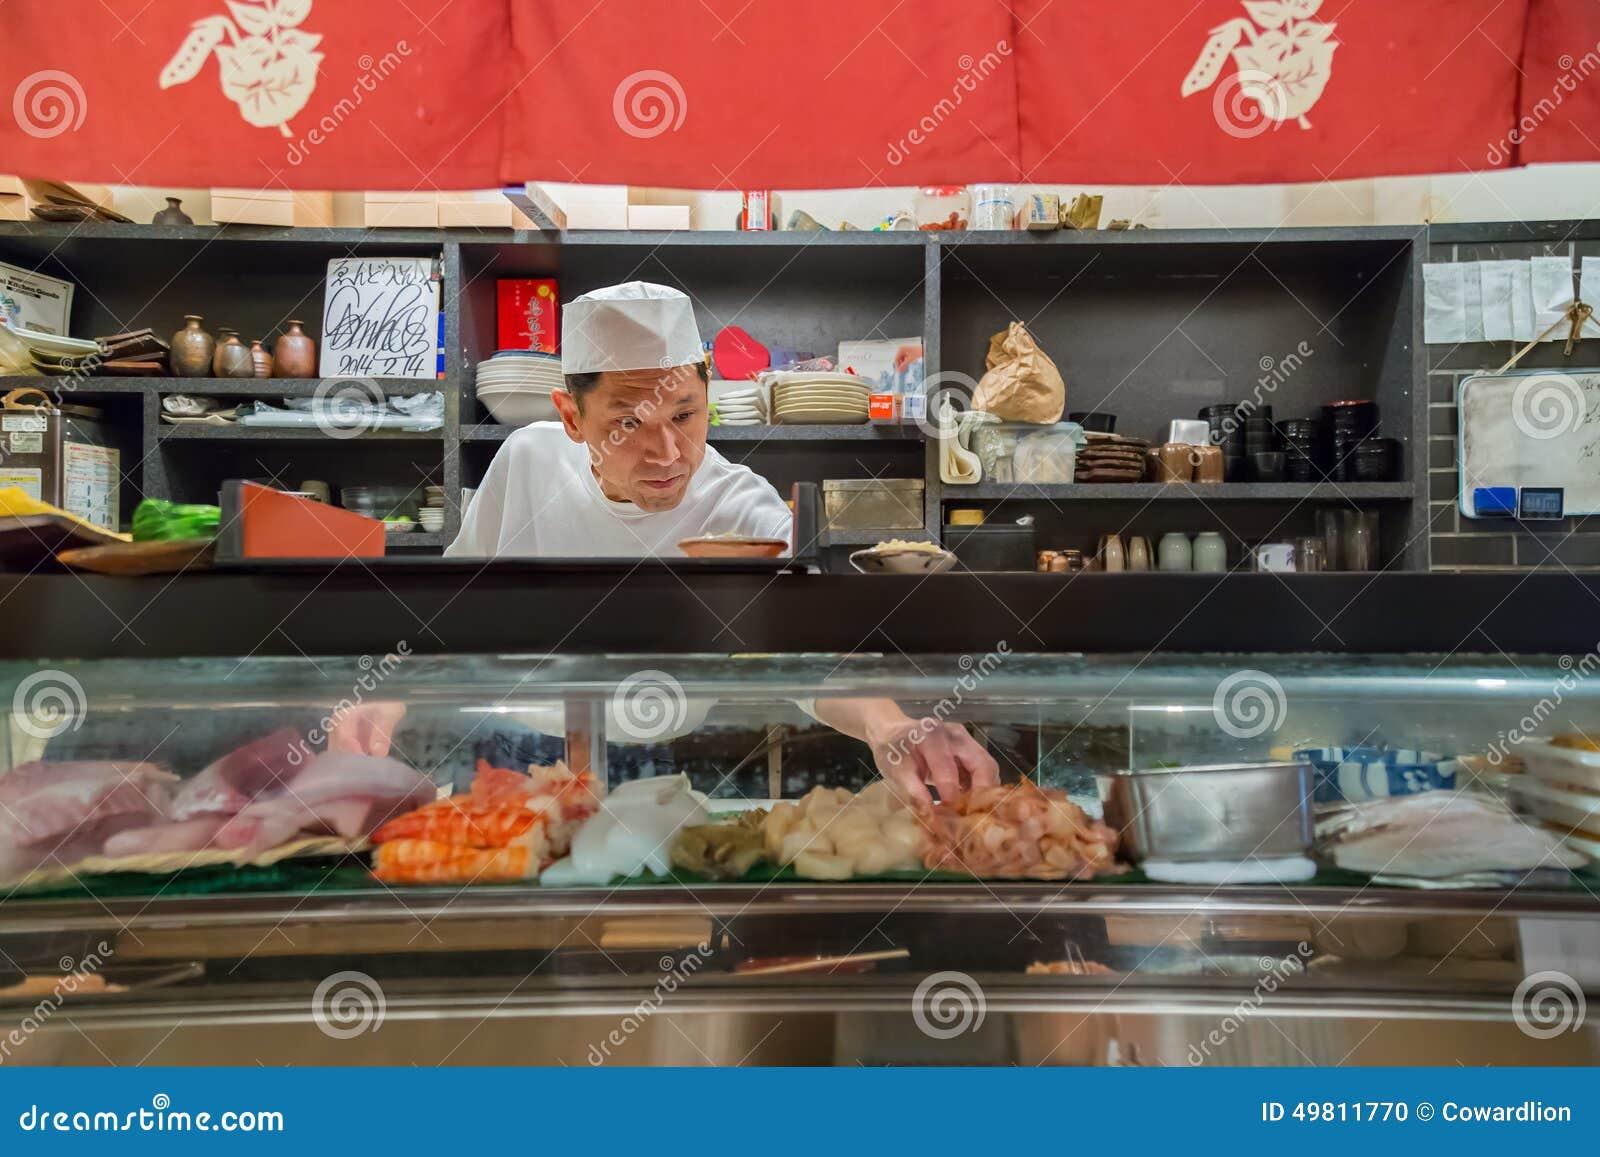 Japanese Sushi Chef editorial image  Image of tasty, asian - 49811770